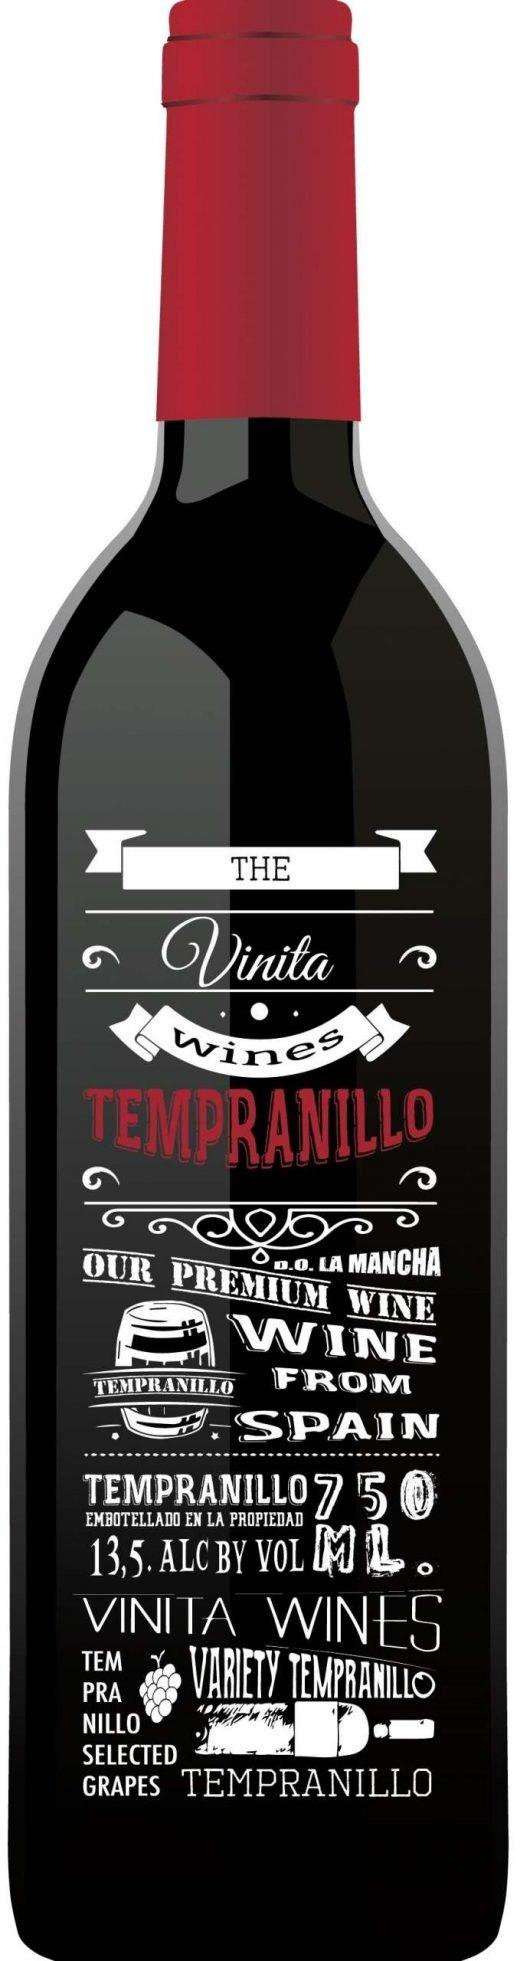 The Vinita Wines Tempranillo 2016-0